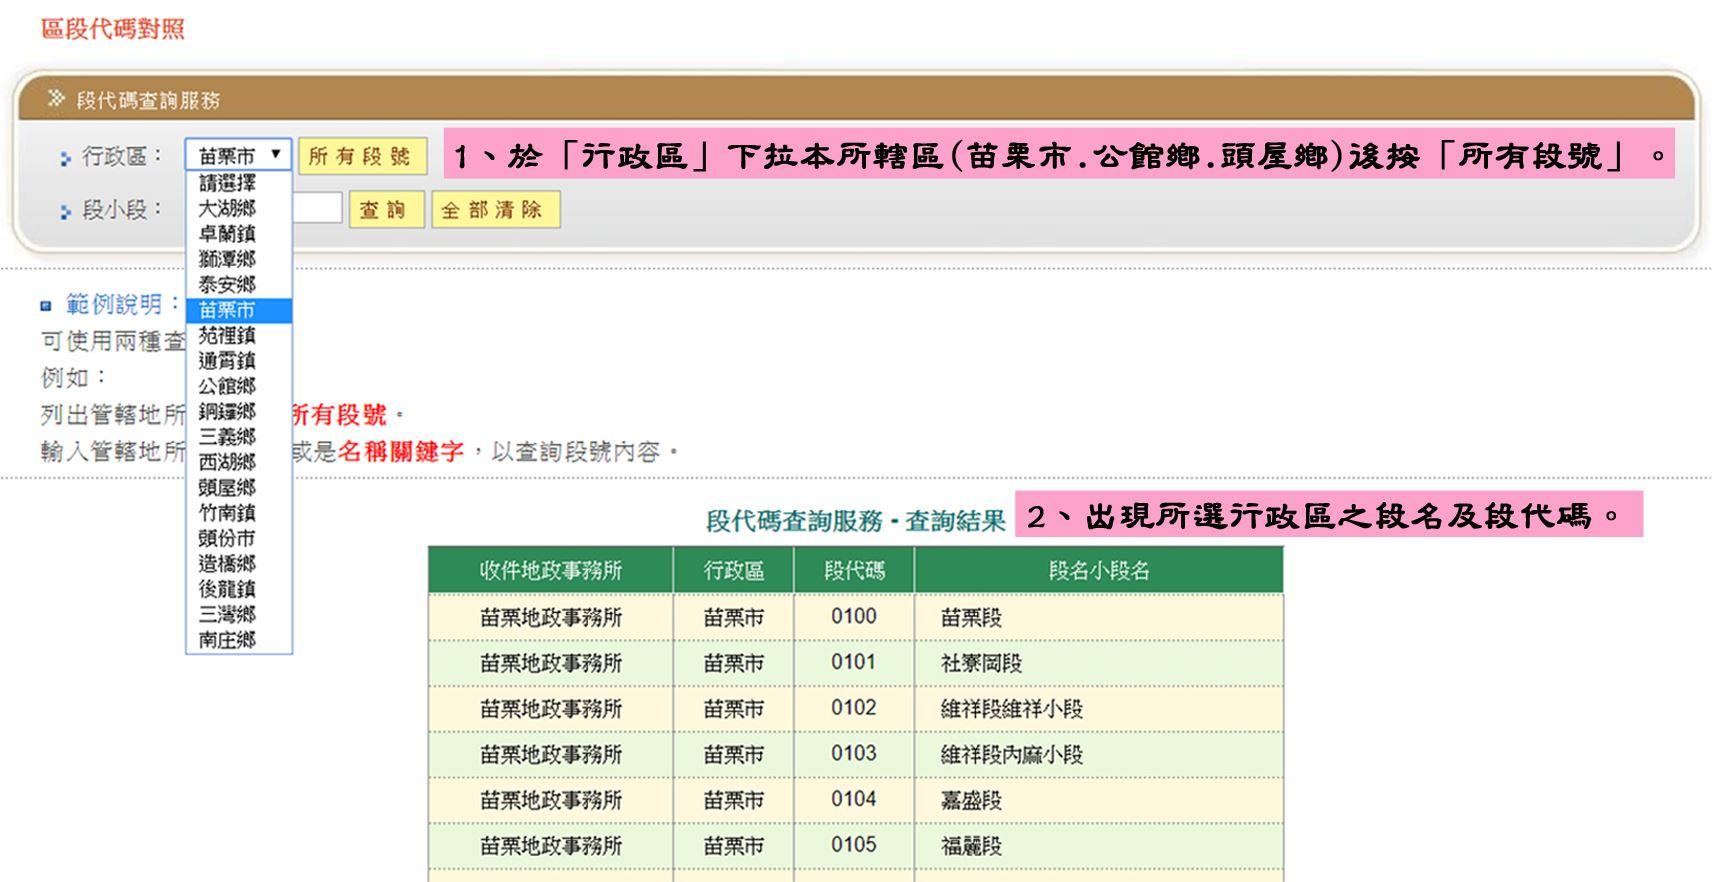 轄區段名及段代碼查詢說明-下拉行政區後按所有段號